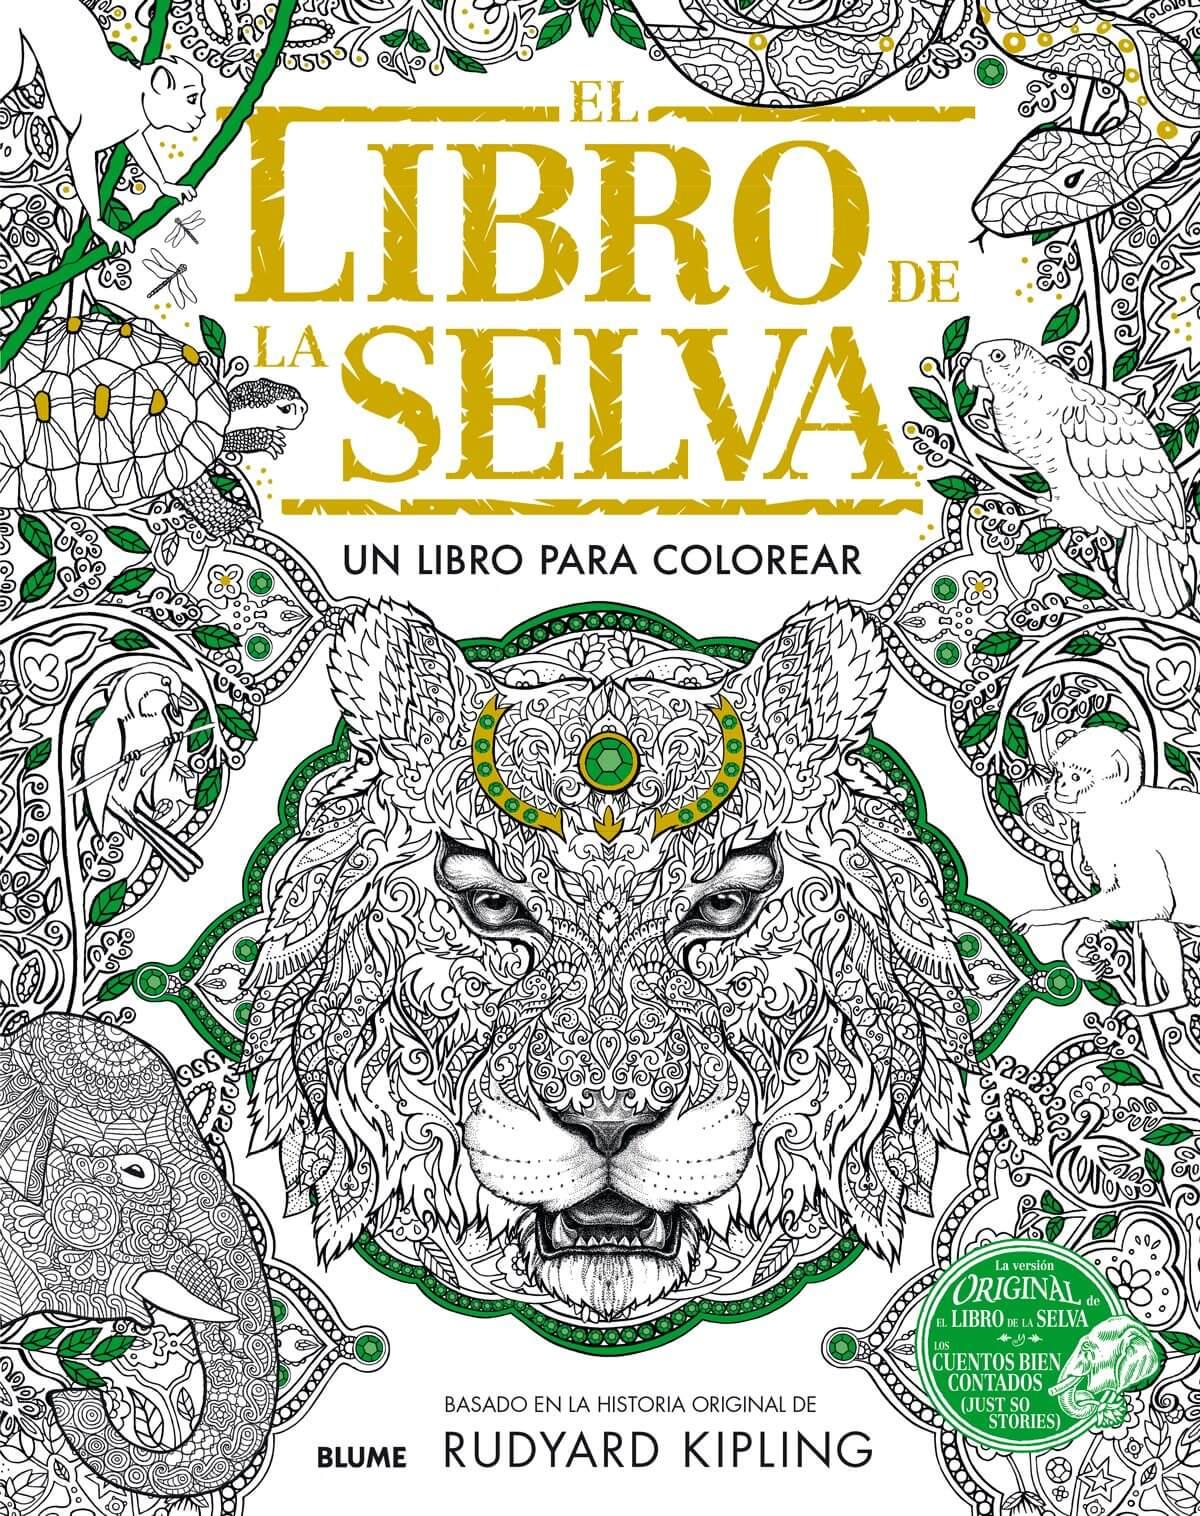 El libro de la selva, un libro para colorear para adultos